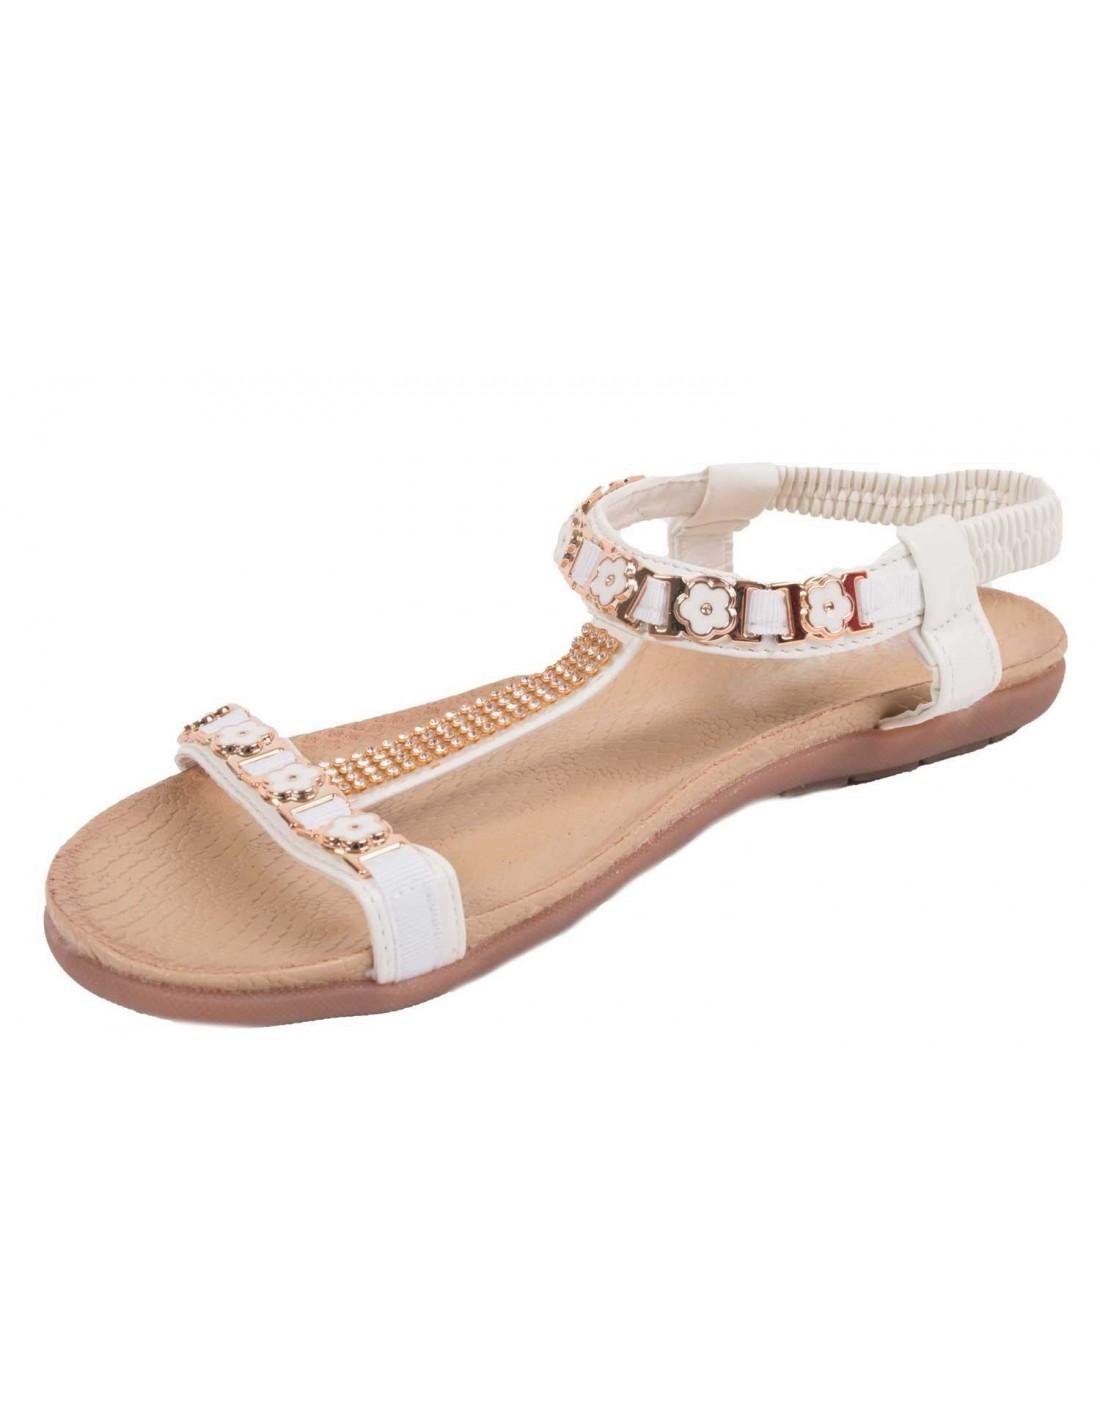 43 Et Fleur Femme Grande Blanche Taille Sandale Strass 41 42 44 eWQrdoxECB